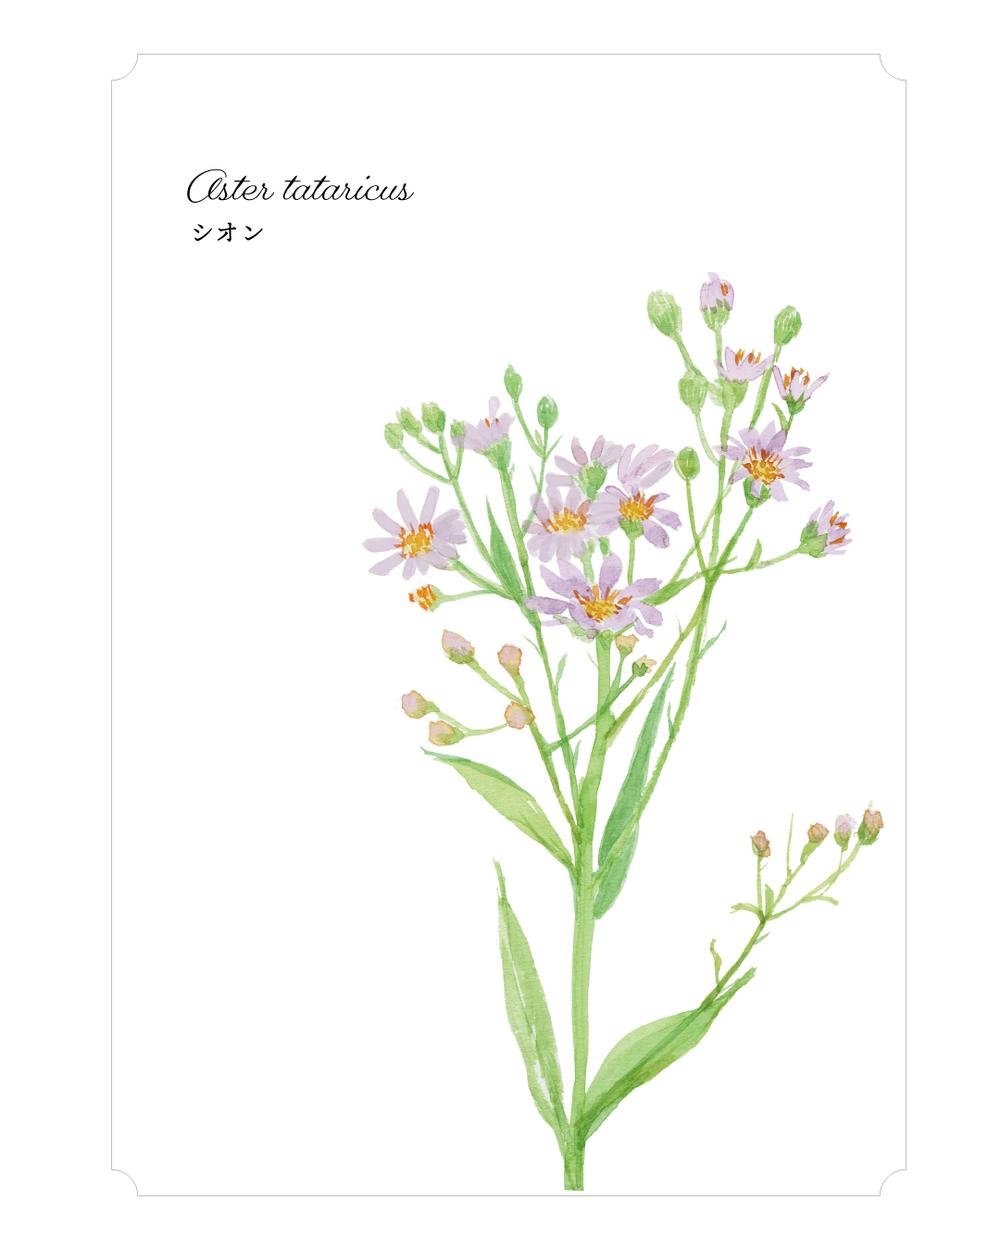 365日の花と 花言葉 Oct Week01 9月29日 10月5日分 植物生活